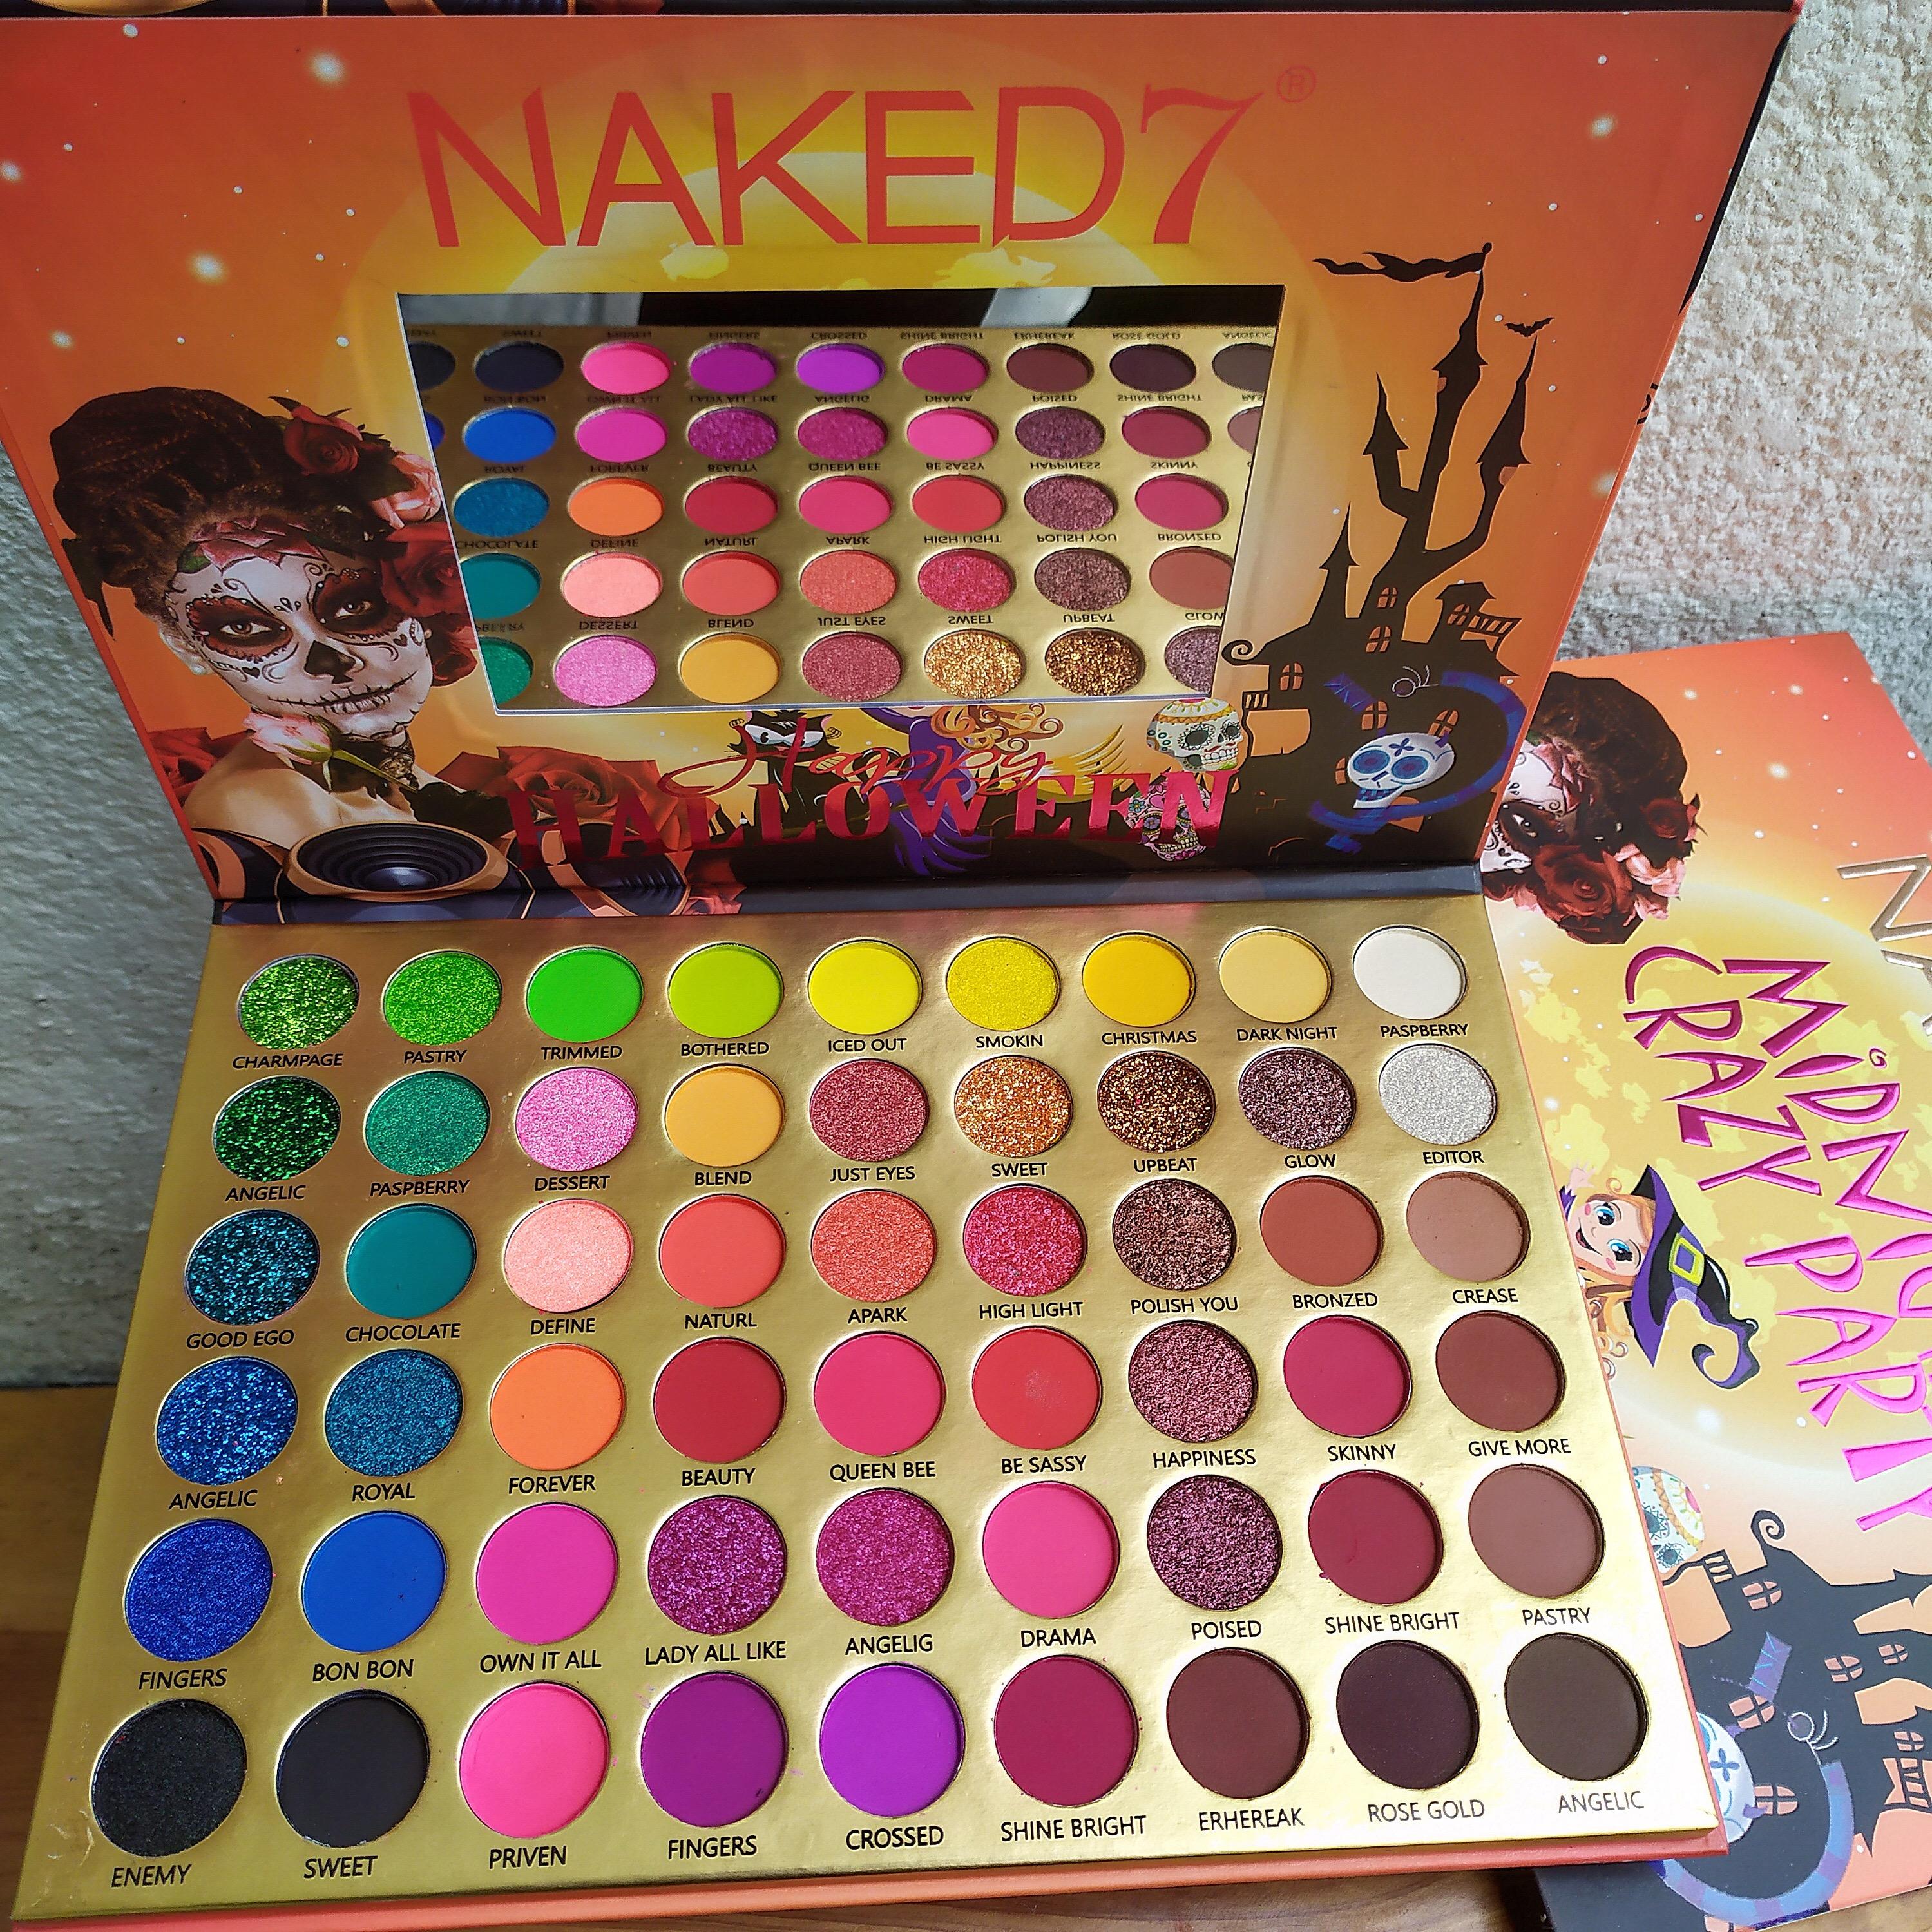 Paleta de sombras naked rainbow colorful - Joi Boutique